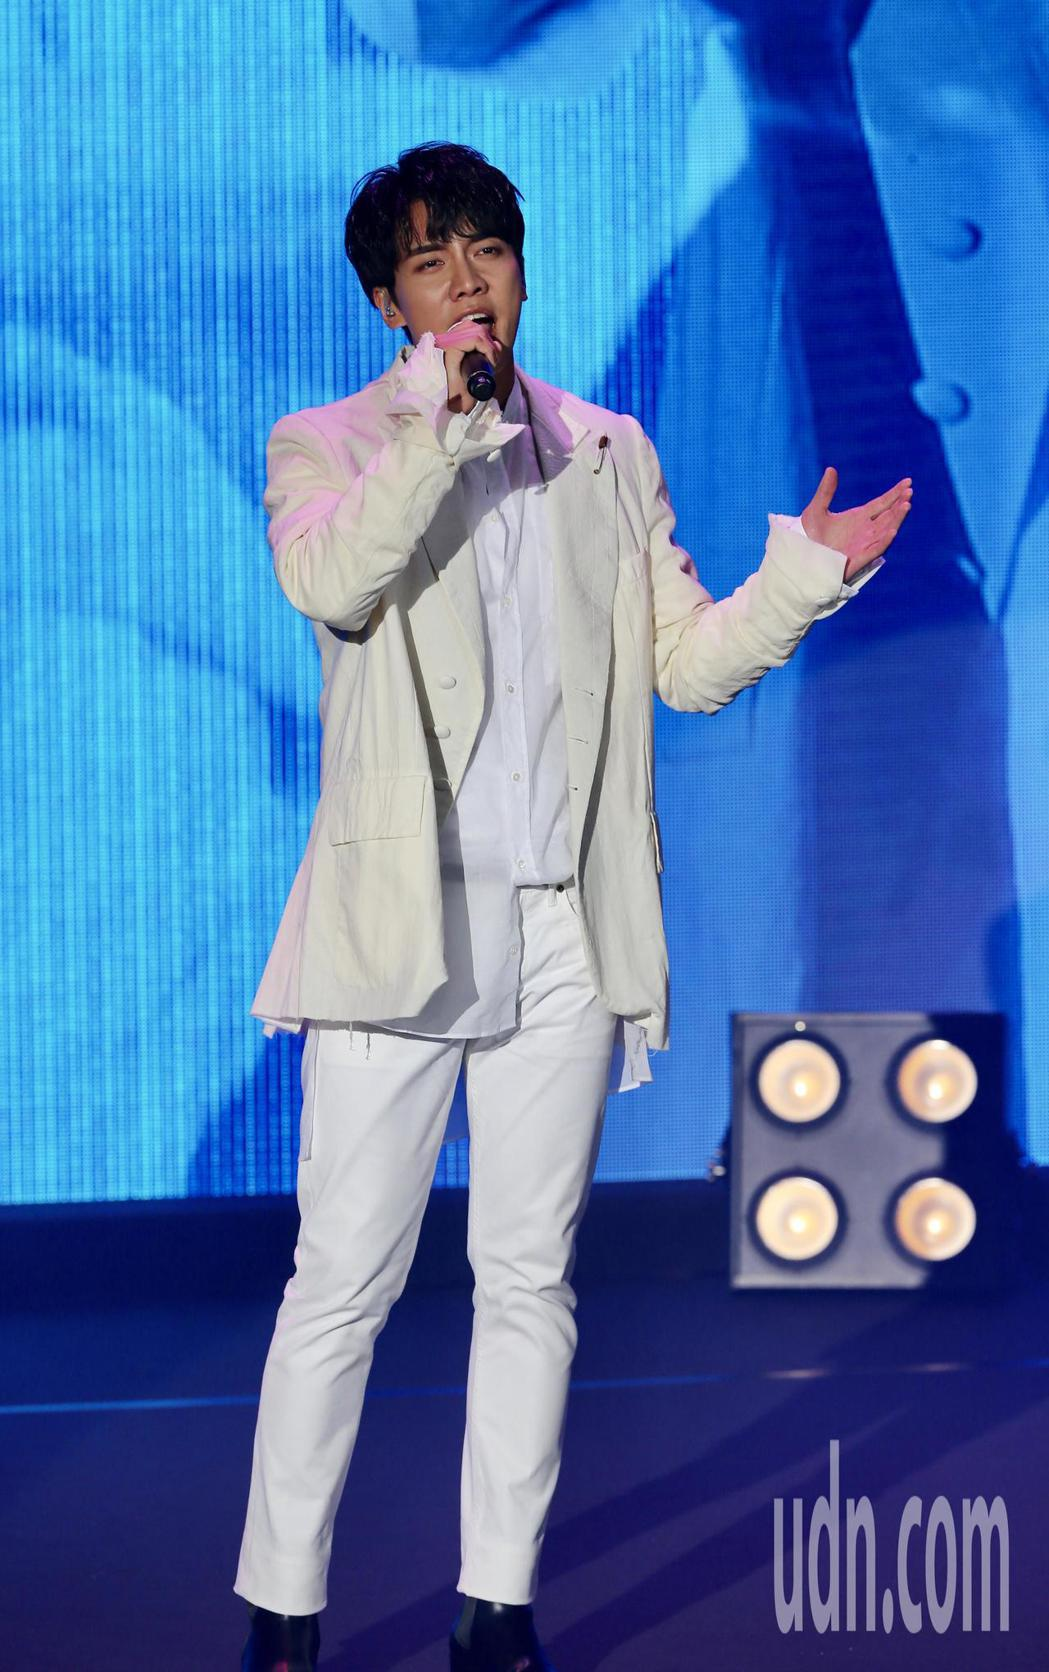 韓星李昇基來台舉辦粉絲見面會,一開場便帶來抒情歌曲。記者許正宏/攝影